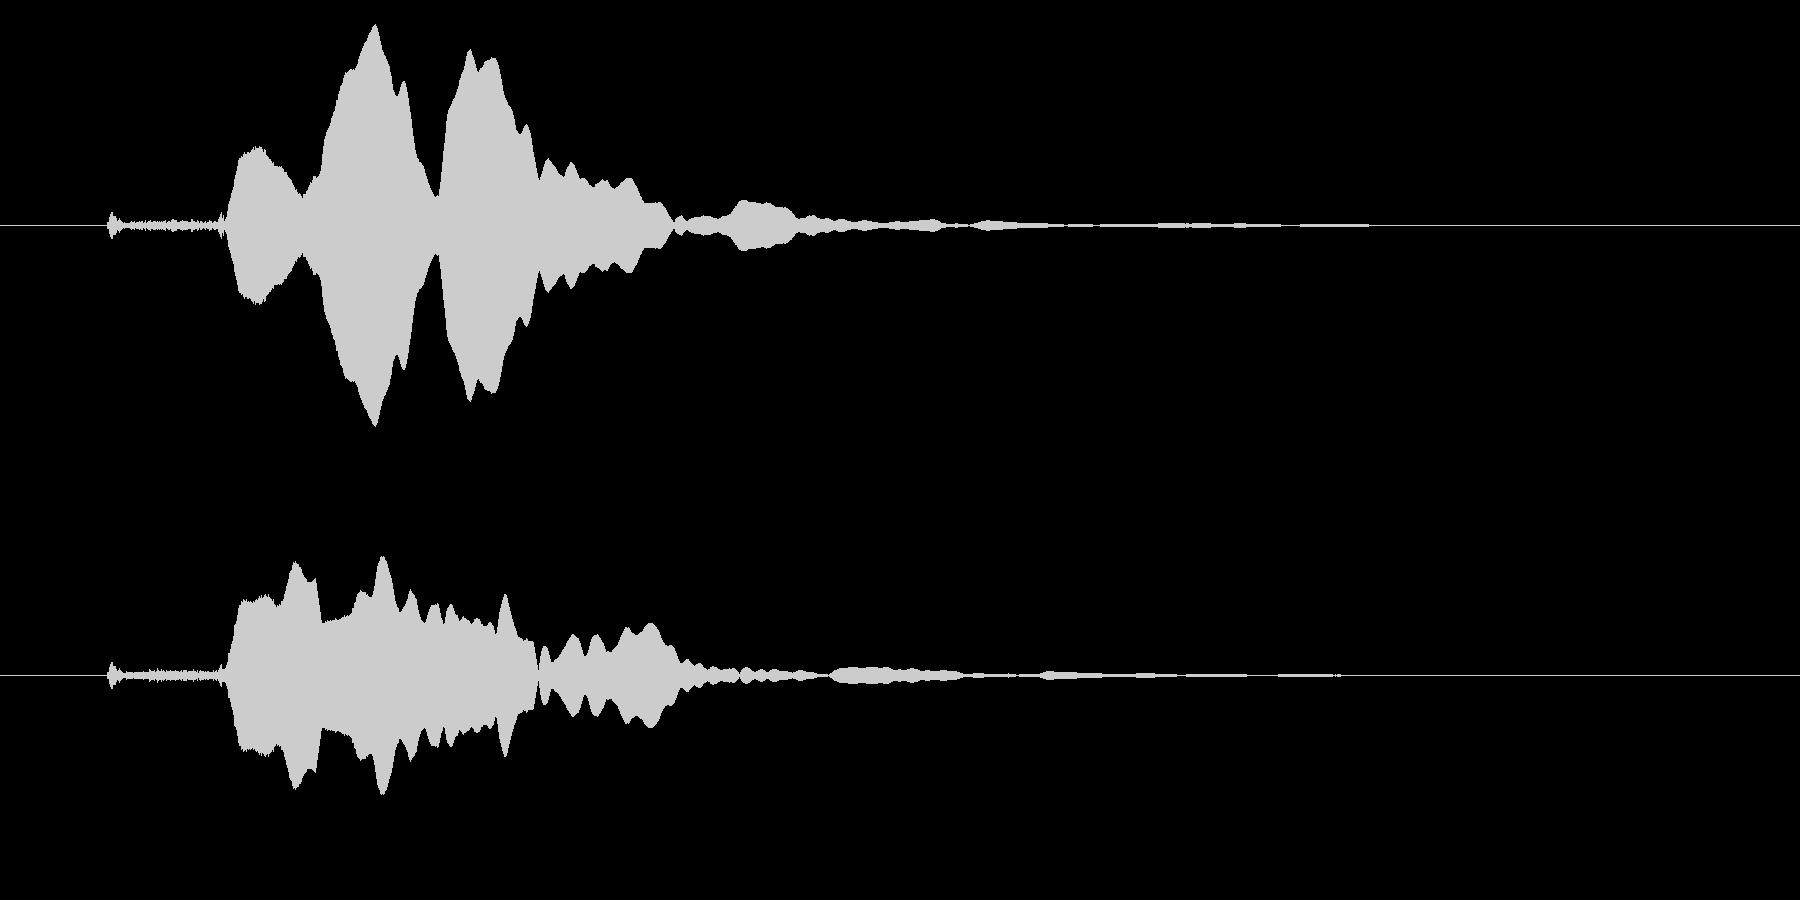 改札 ビープ音01-10(音色1 遠)の未再生の波形